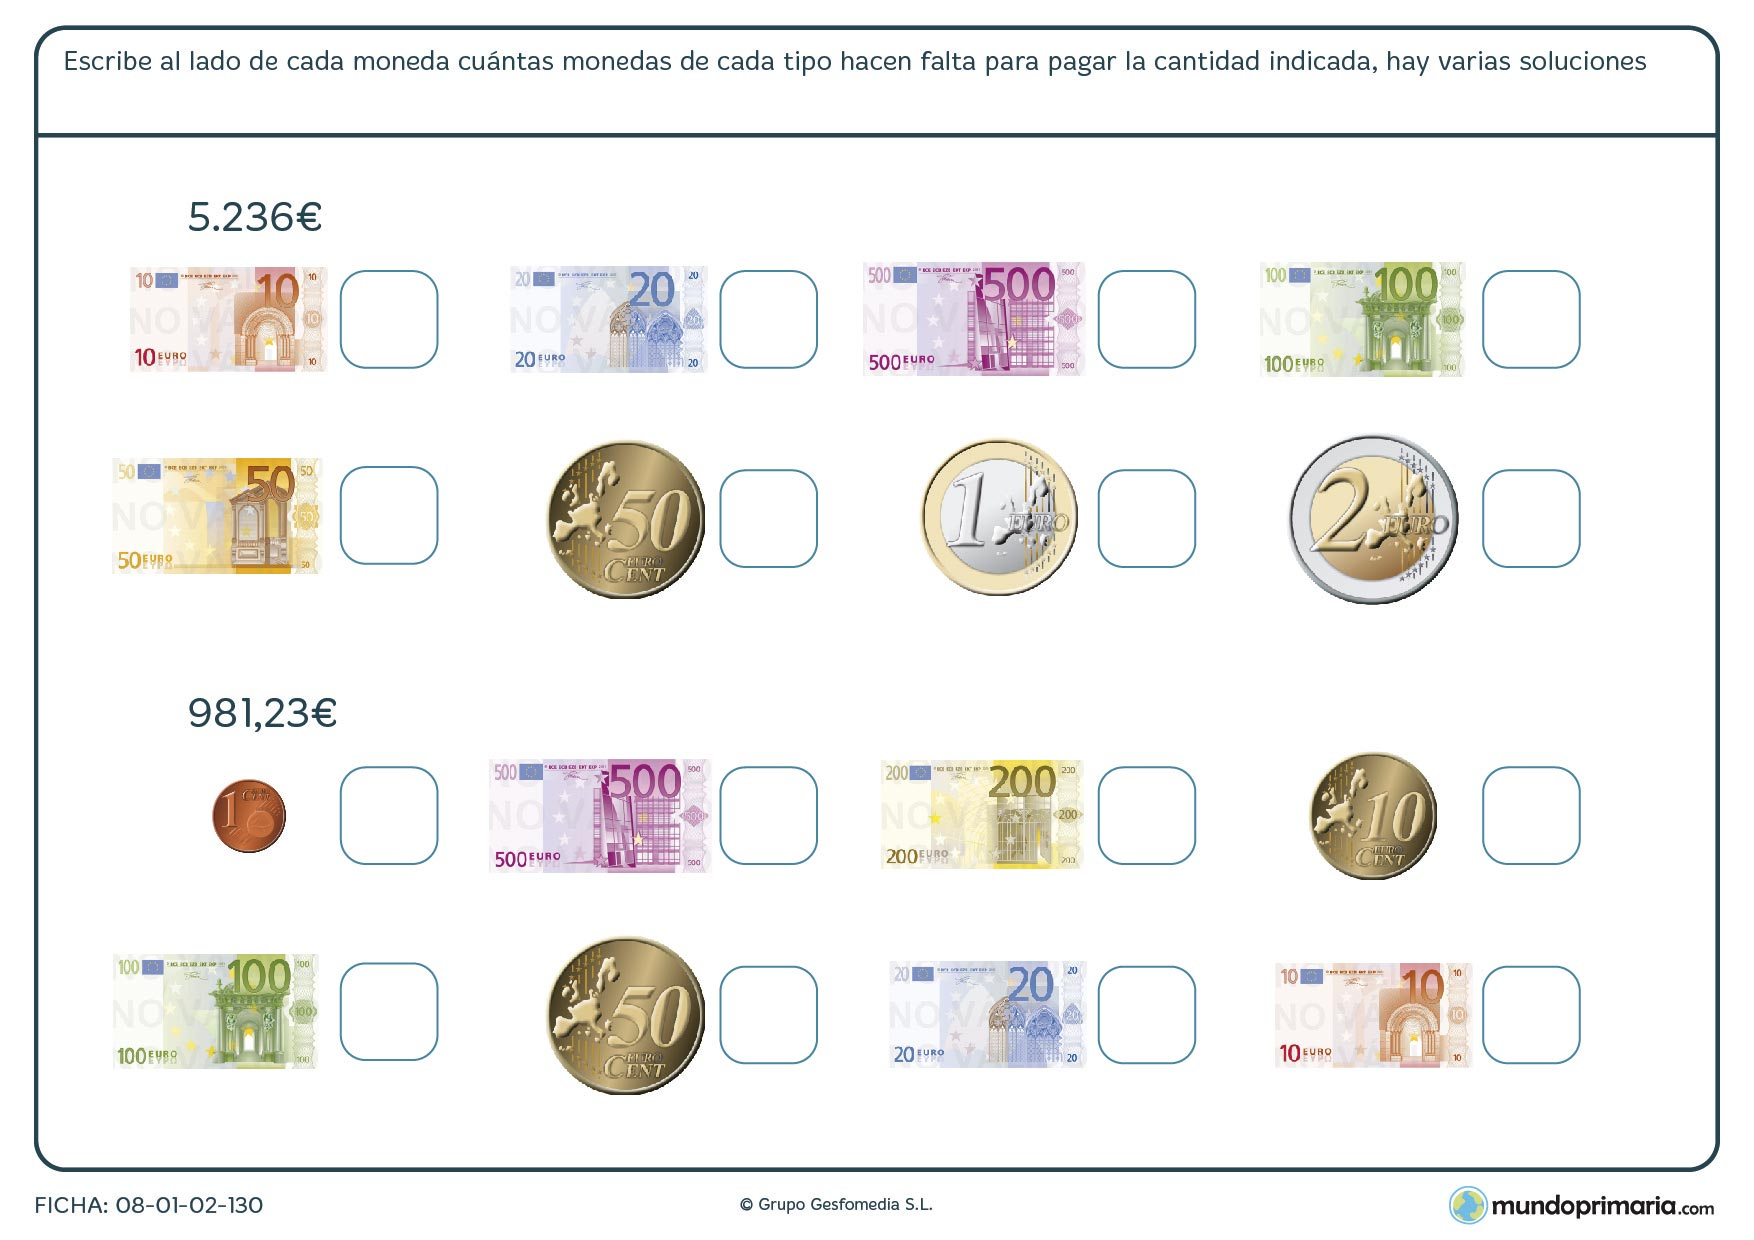 Ficha de usar billetes y la cantidad de ellos que necesitas para obtener el resultado final.